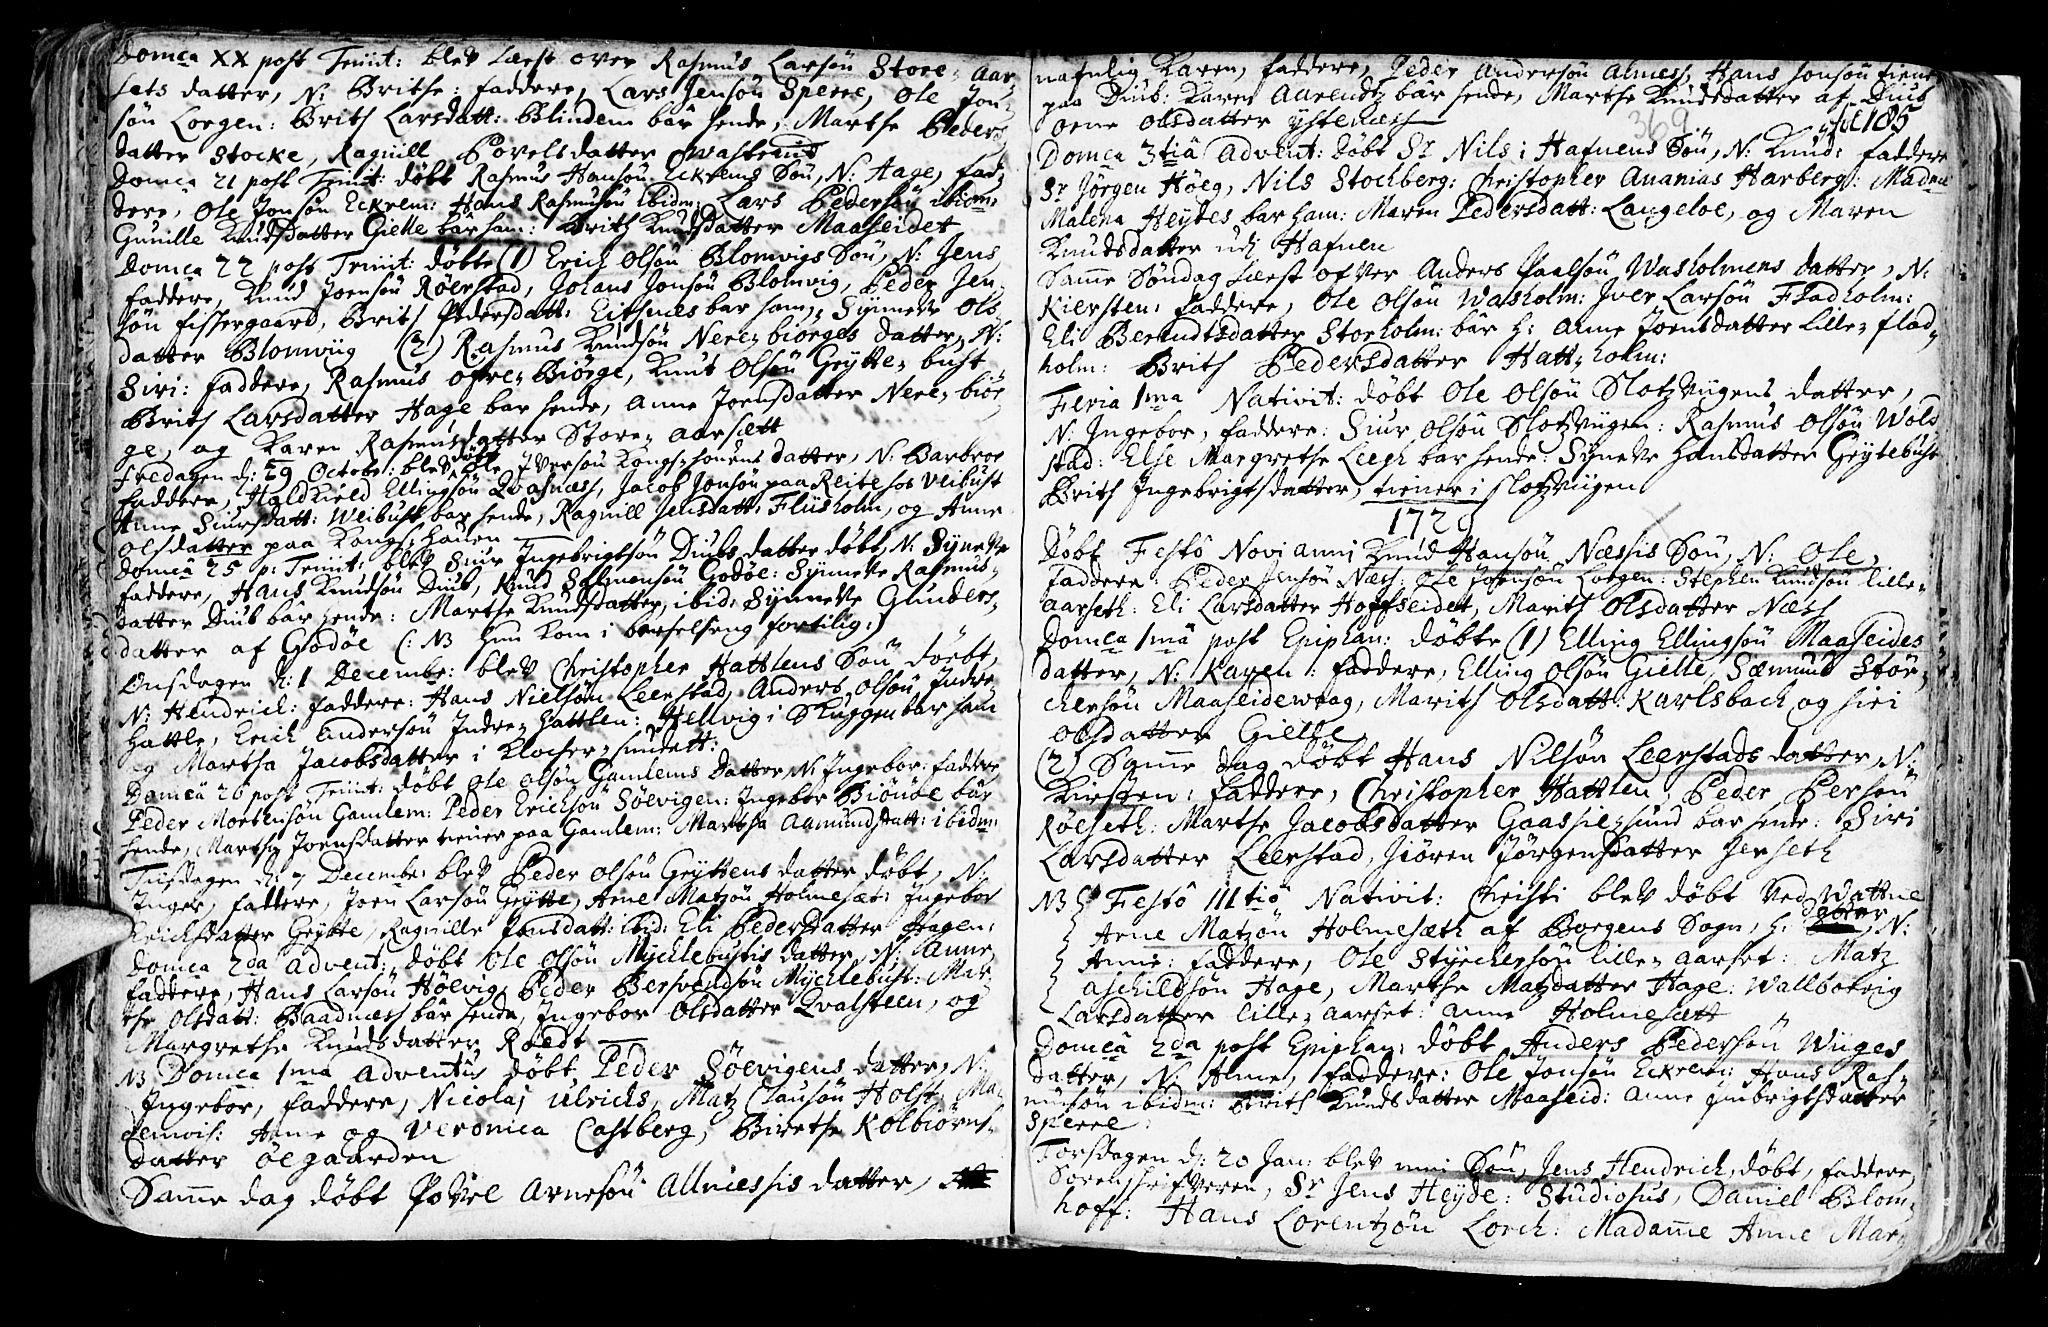 SAT, Ministerialprotokoller, klokkerbøker og fødselsregistre - Møre og Romsdal, 528/L0390: Ministerialbok nr. 528A01, 1698-1739, s. 368-369